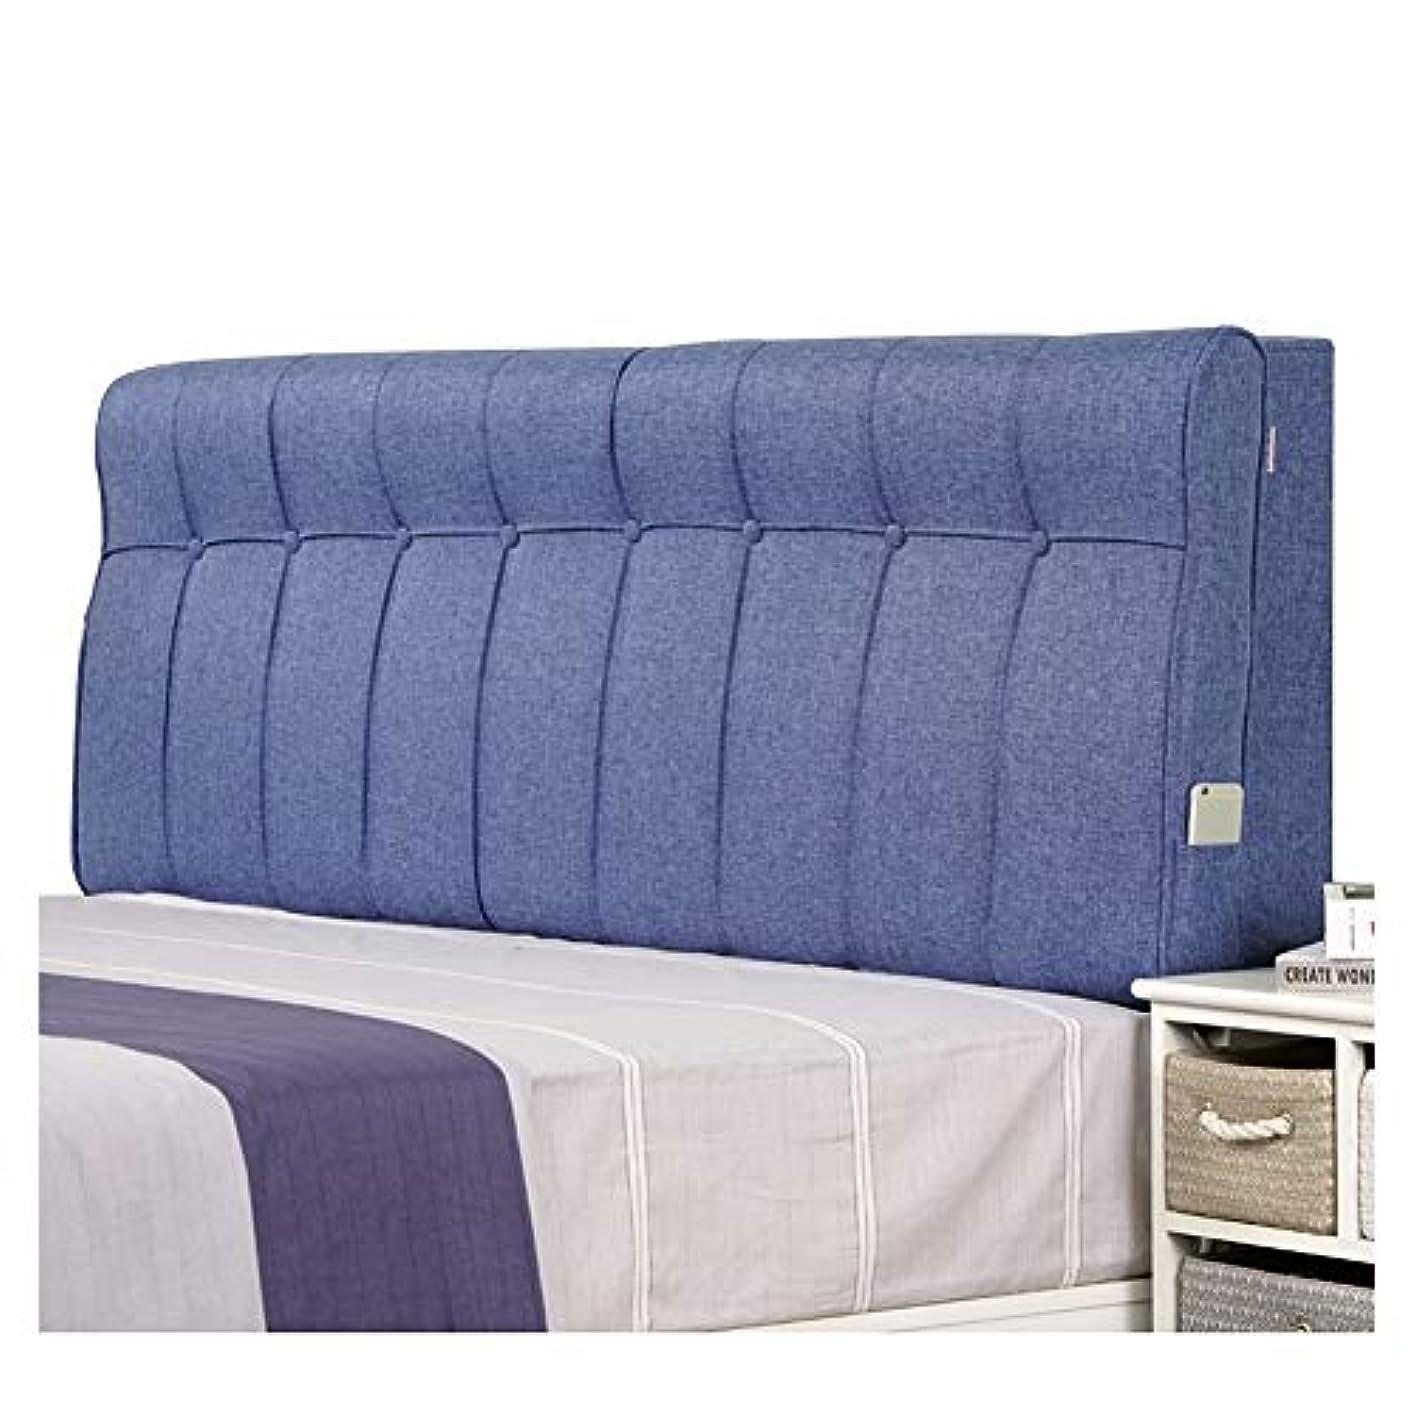 ワークショップグレートバリアリーフ詳細なLIANGLIANG クションベッドの背もたれ 多機能 ベッドサイド 枕 サポート 腰 金属 ジッパー リムーバブル、 5色 (Color : Blue, Size : 120cm)